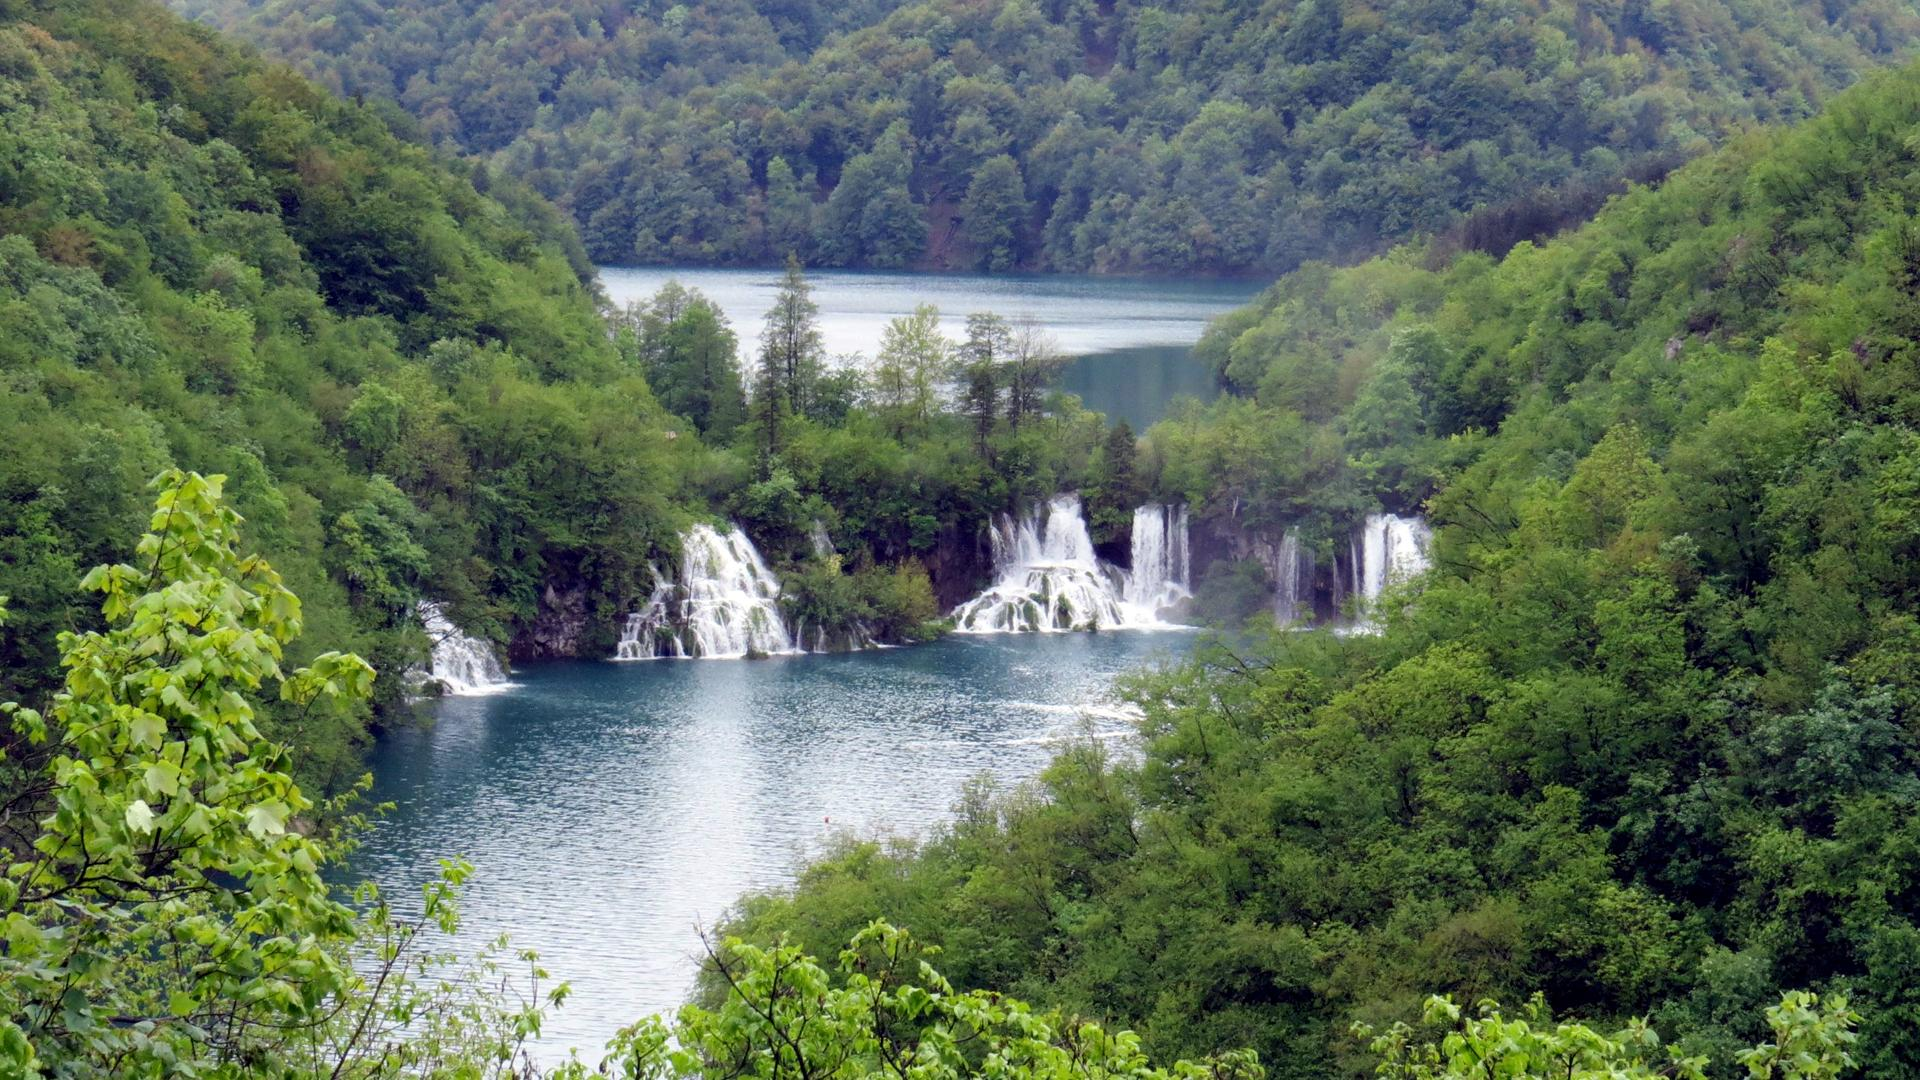 Pješačenje kanjonima i obalom po Hrvatskoj